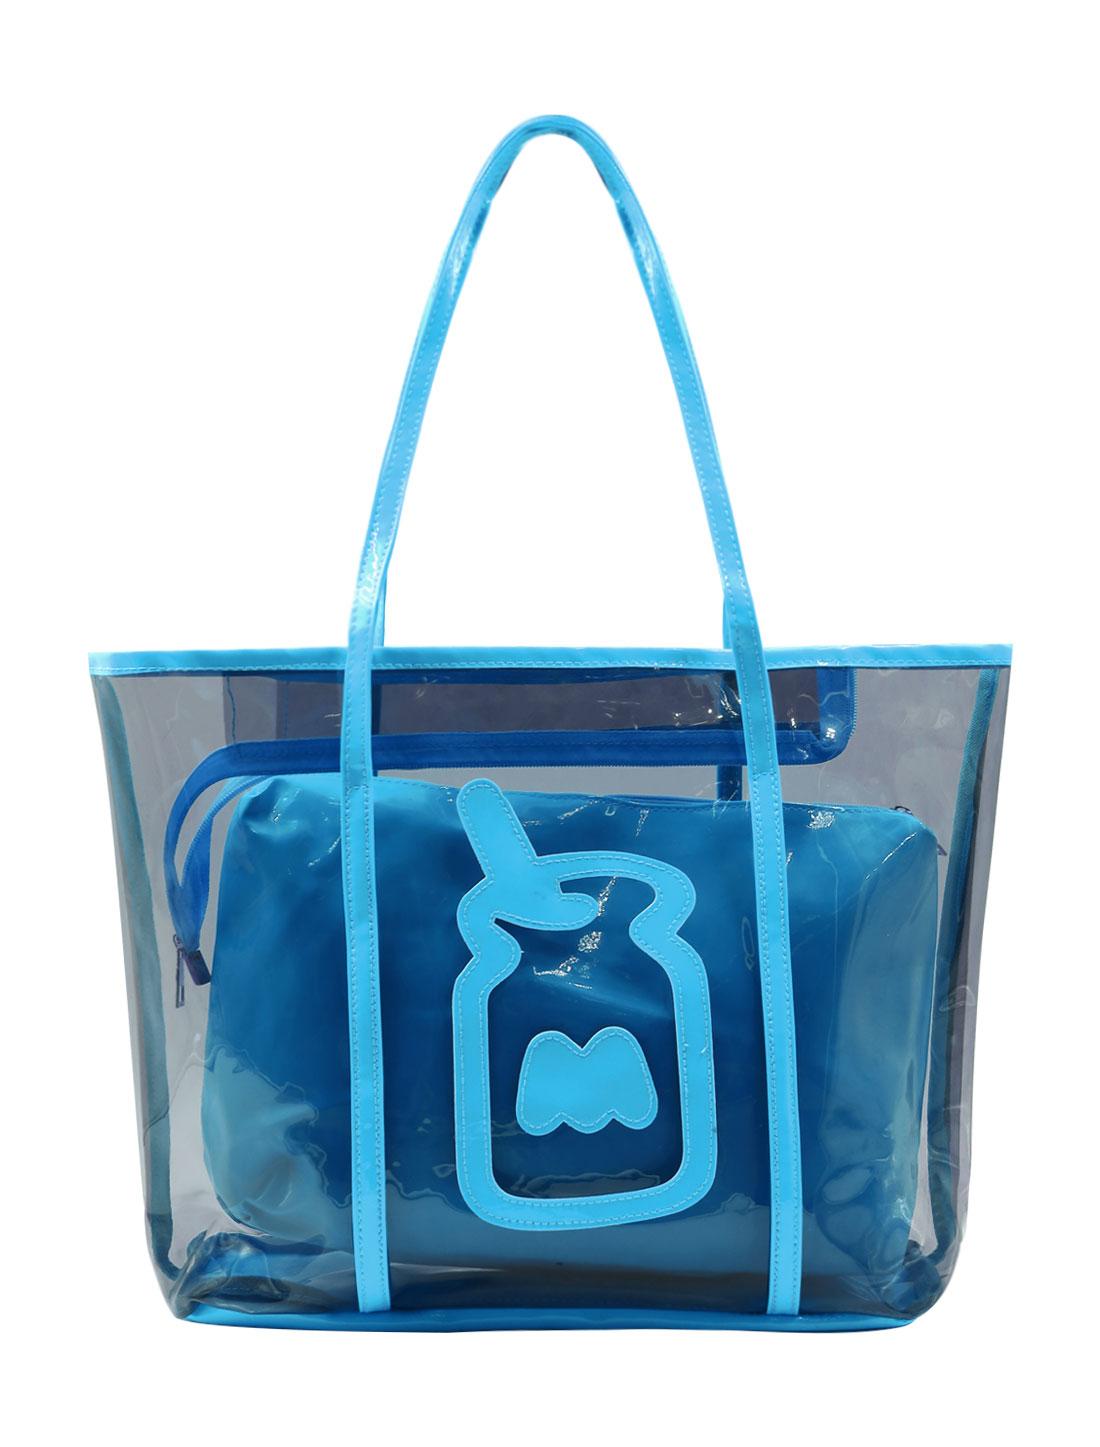 Ladies Zipper Closure Contrast Color Transparent Casual Handbag Blue